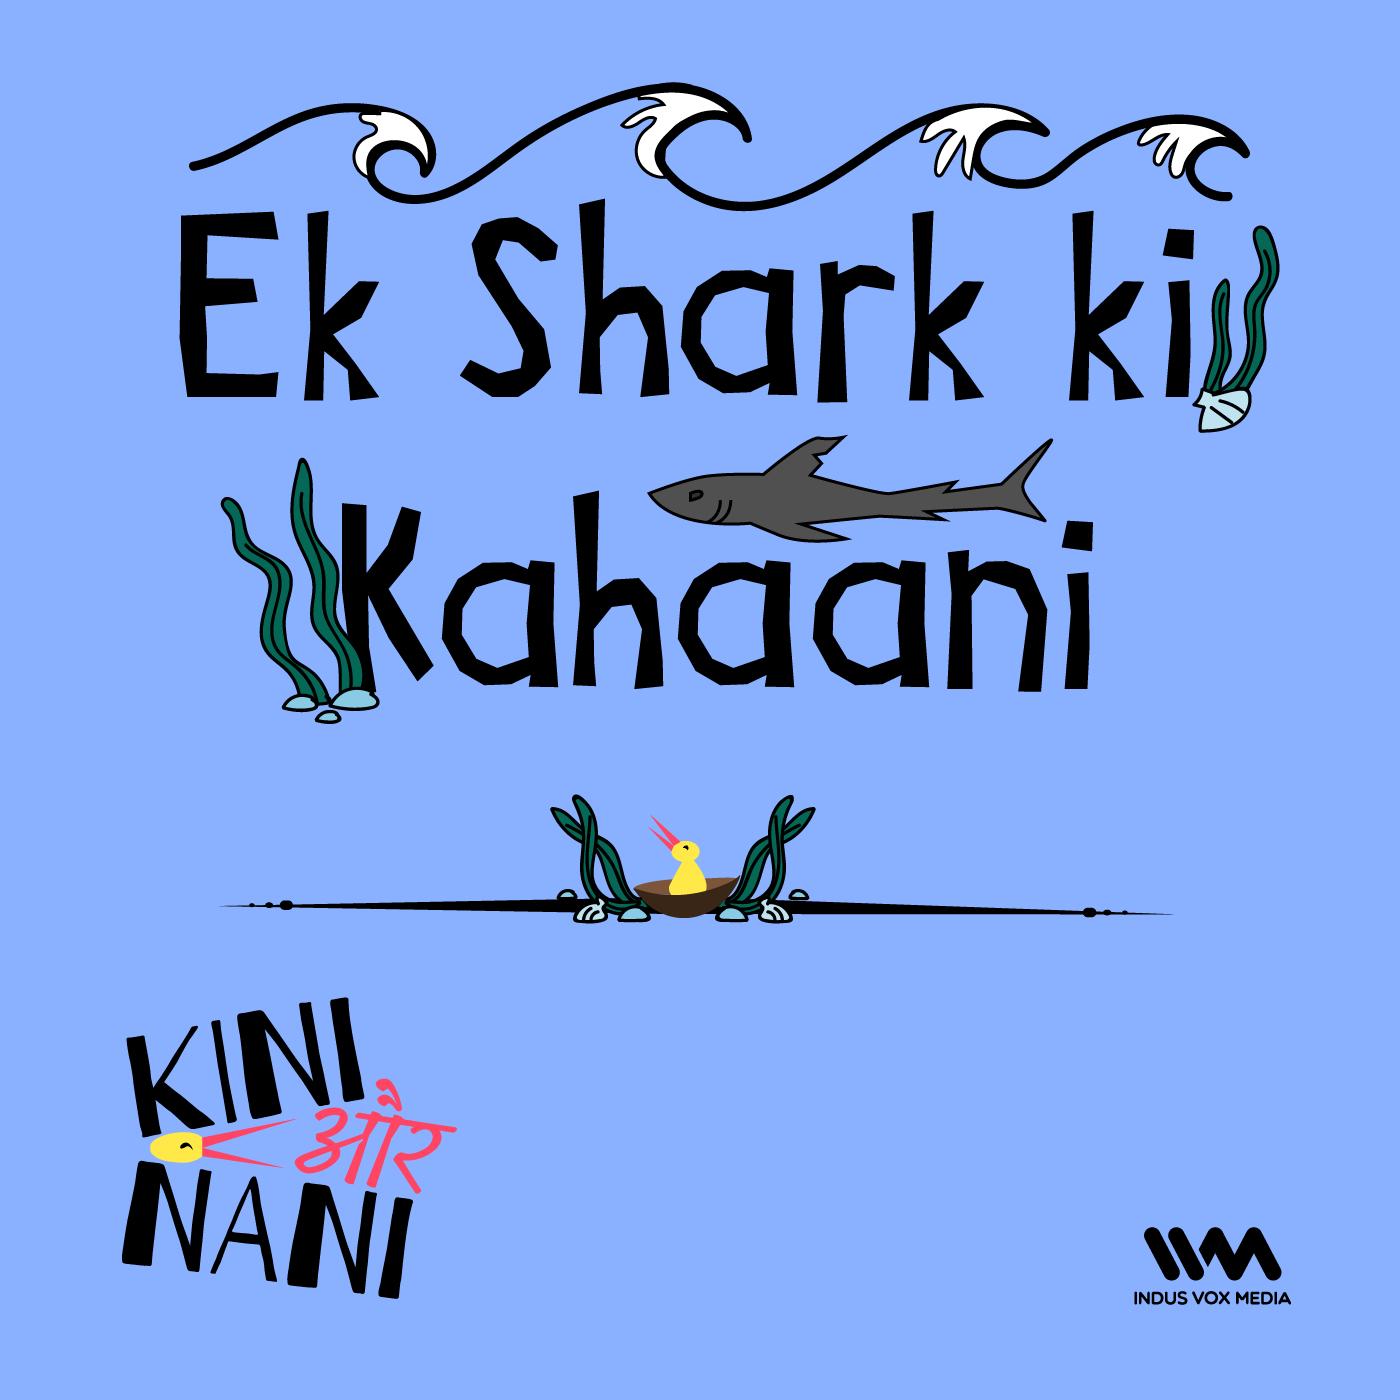 Ek Shark ki Kahaani